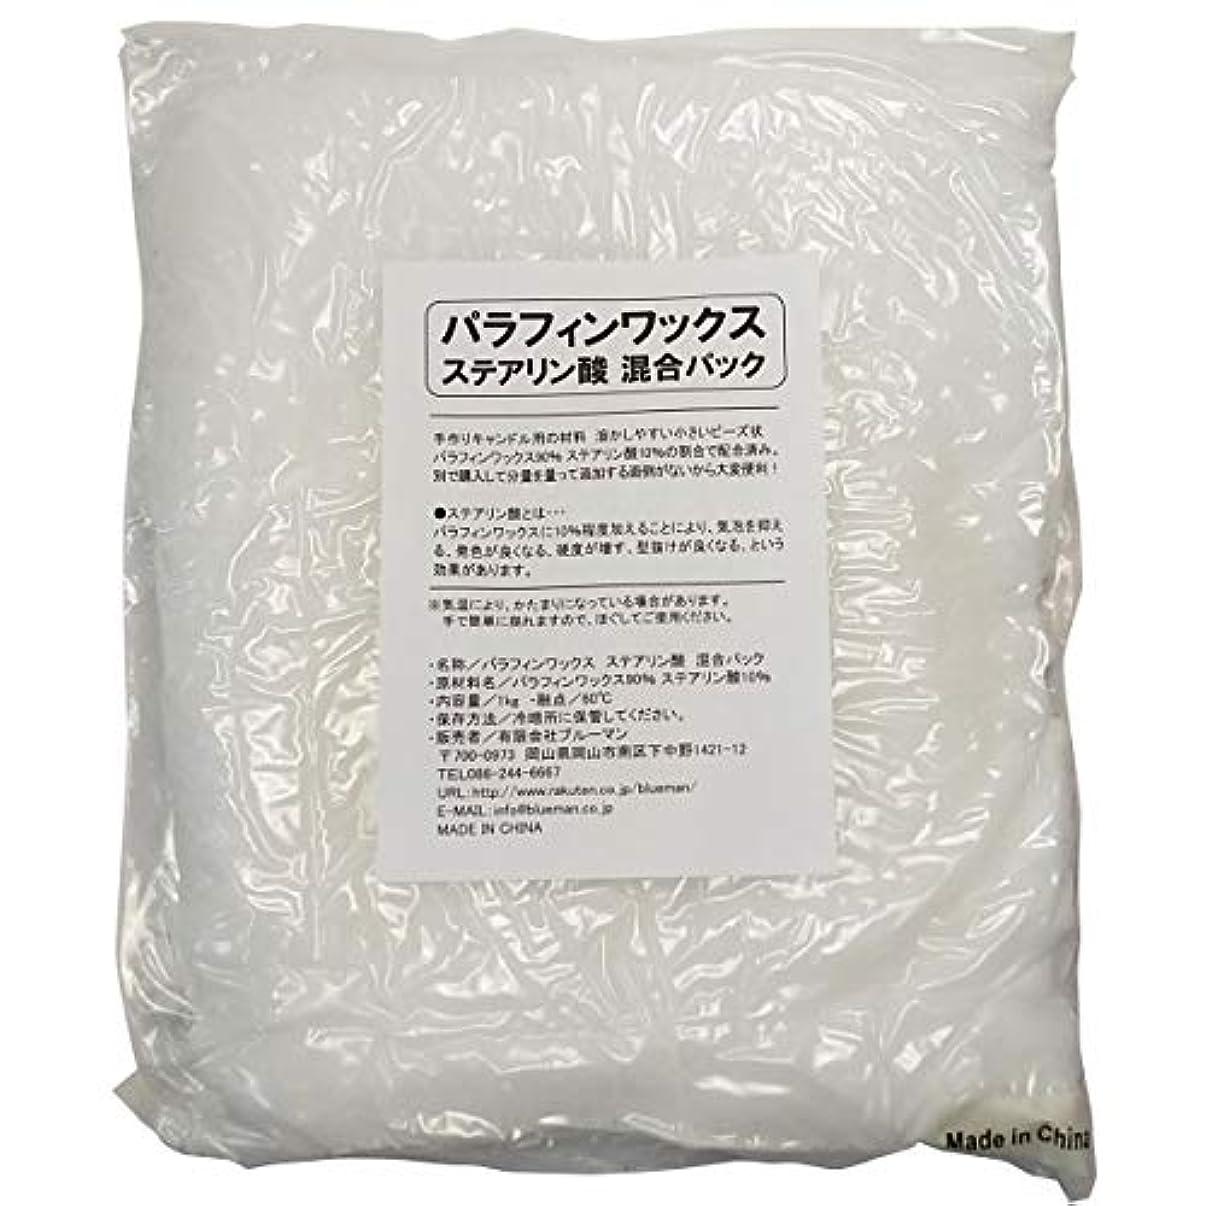 花婿精巧なかかわらずパラフィンワックス ステアリン酸 混合パック 1kg 手作りキャンドル 材料 1キロ アロマワックスサシェ